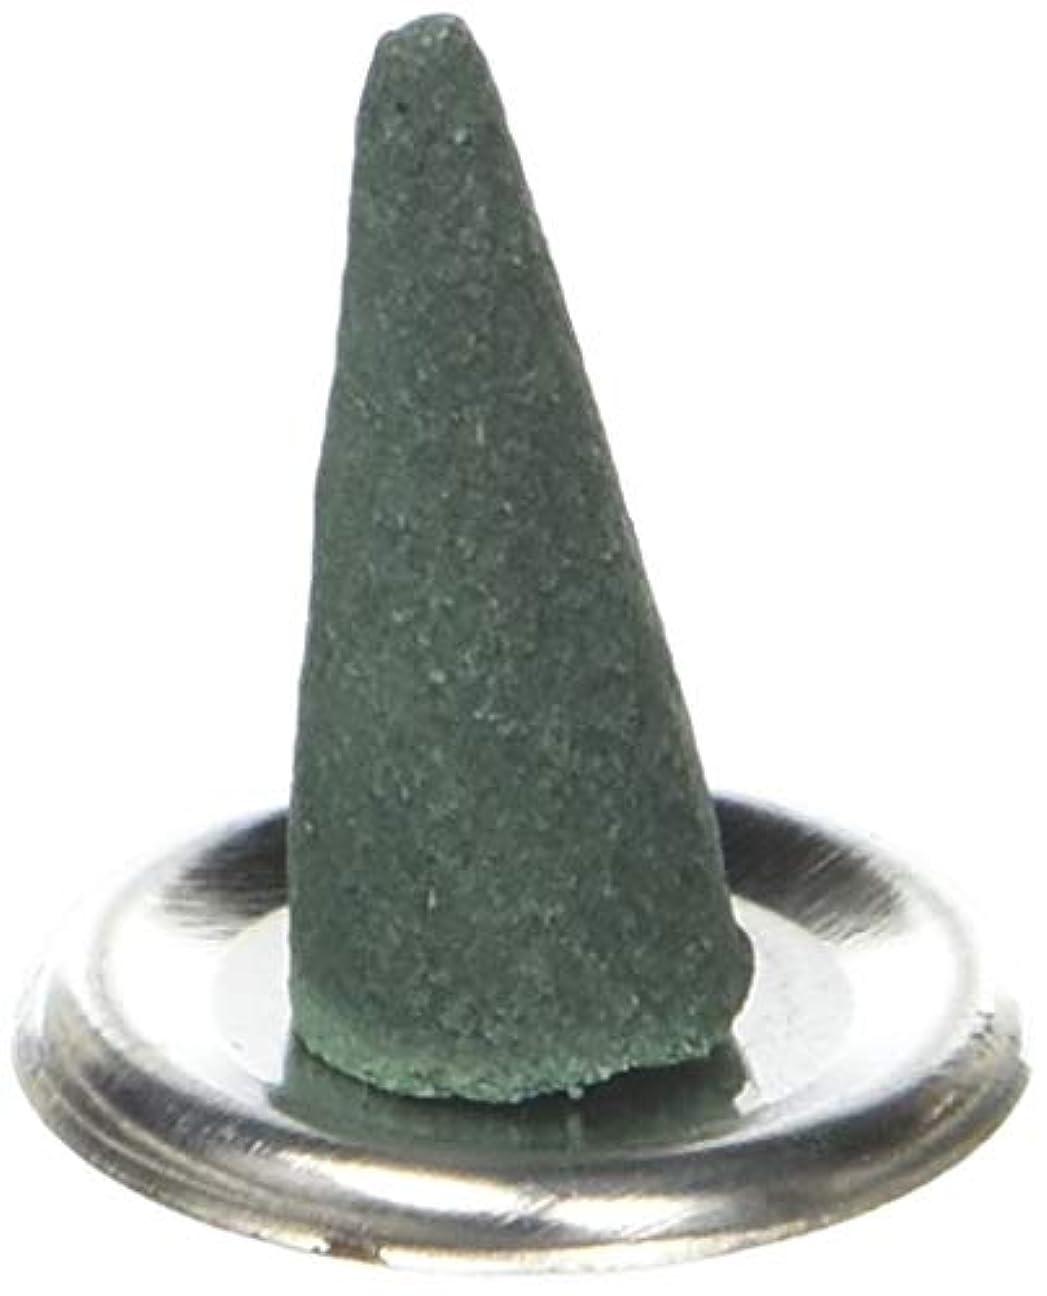 へこみ意図的警察署アロマセラピーHosley Highly Fragranced Spiritual Incense Cones 180パック、Infused with Essential Oils。結婚の理想は、特別なイベント、アロマセラピー...